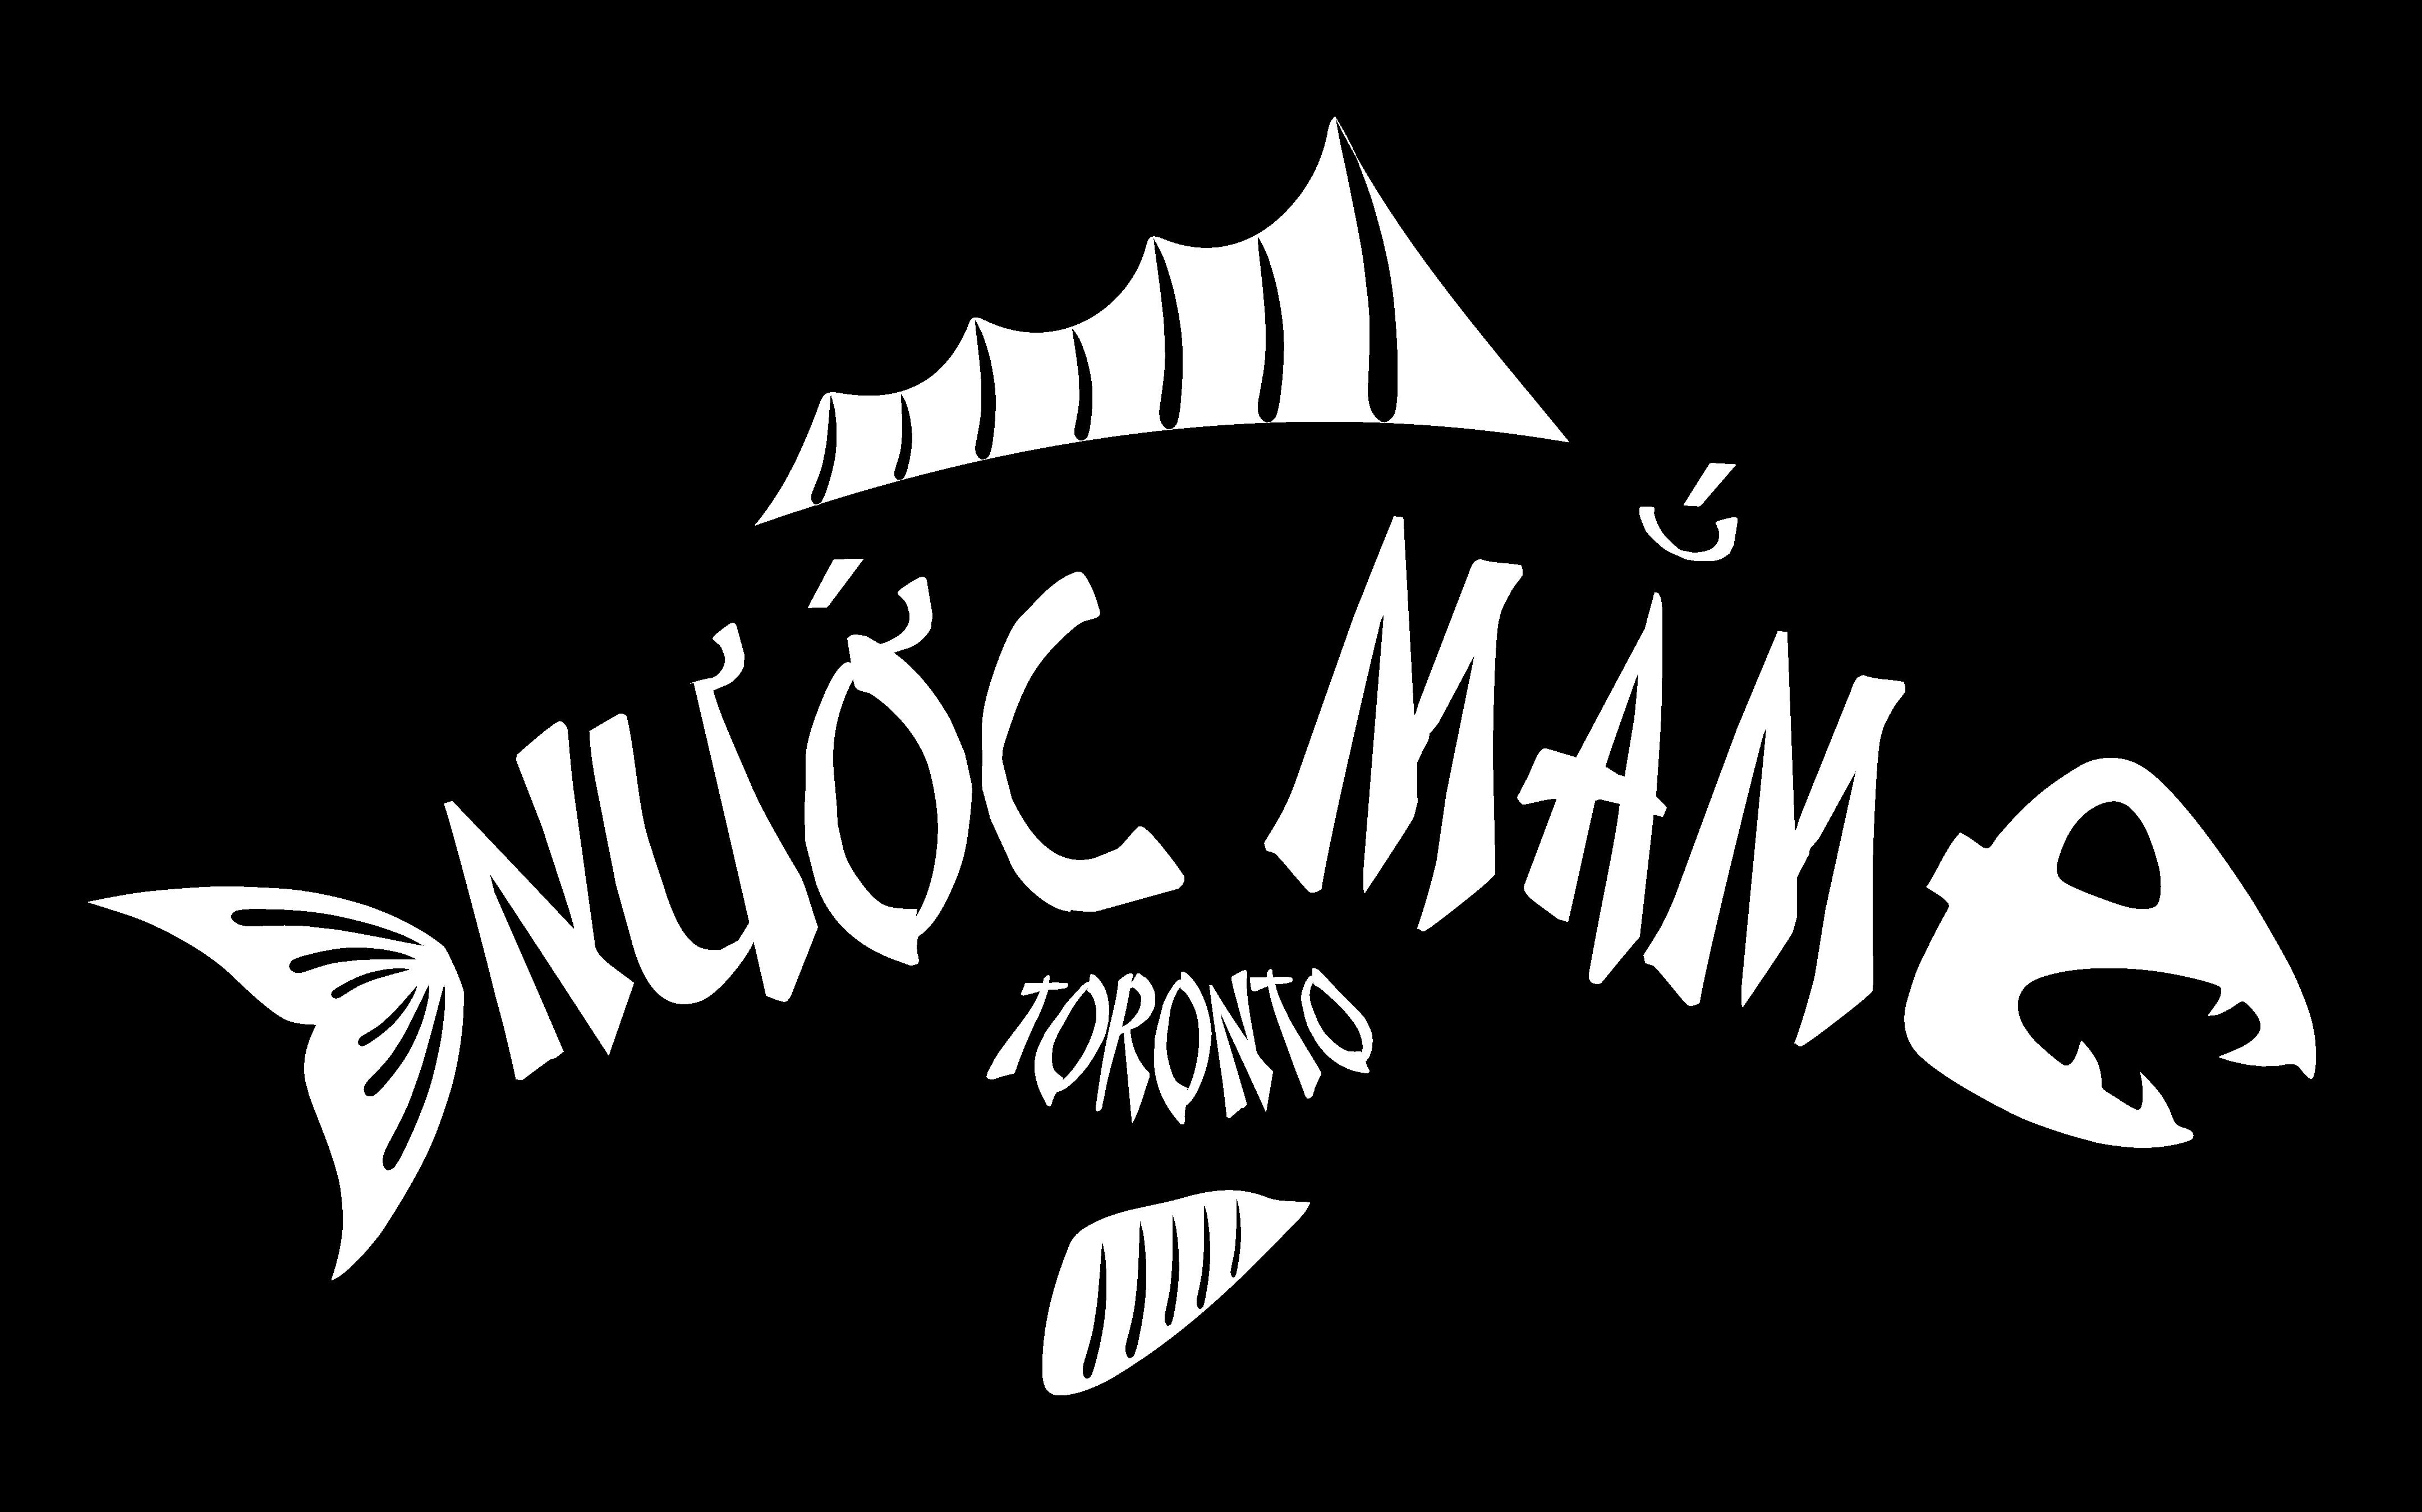 Nuoc Mam